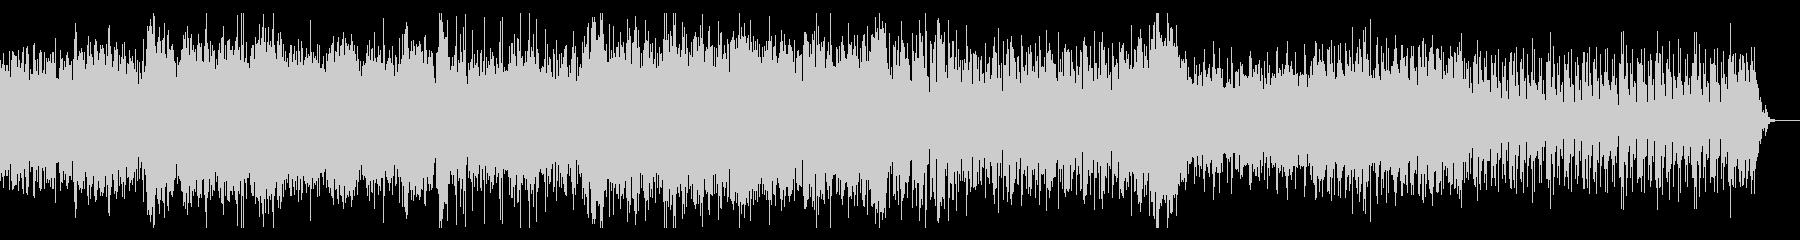 不思議でダークなシネマティックBGMの未再生の波形